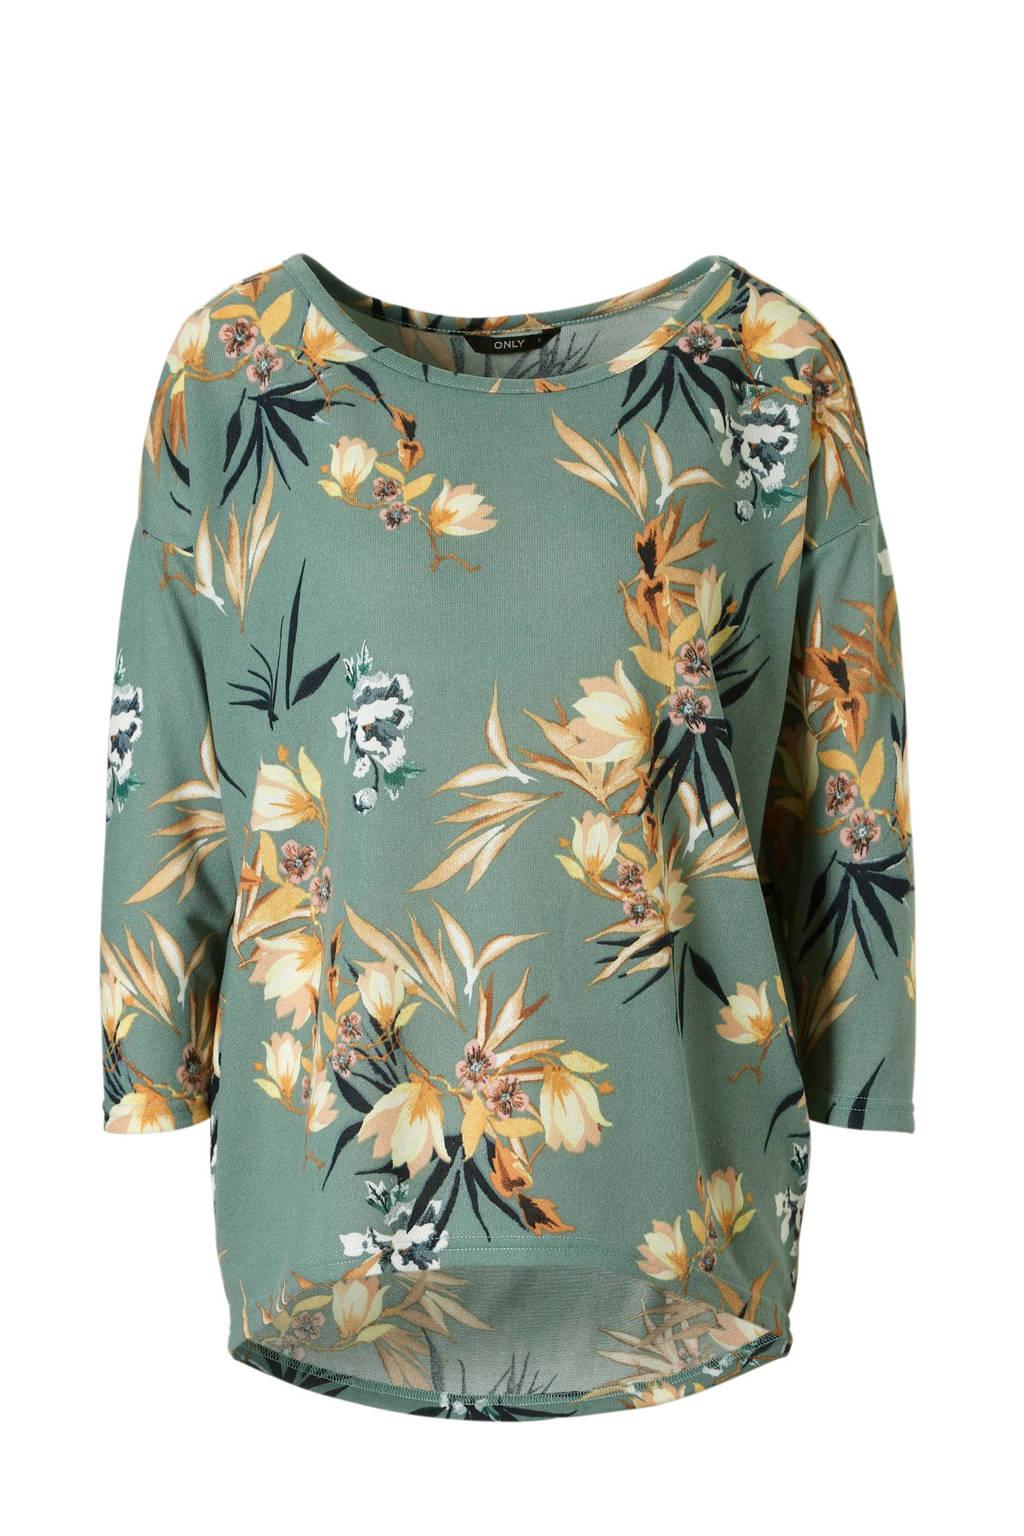 ONLY top met bloemen print, Groen/wit/bruin